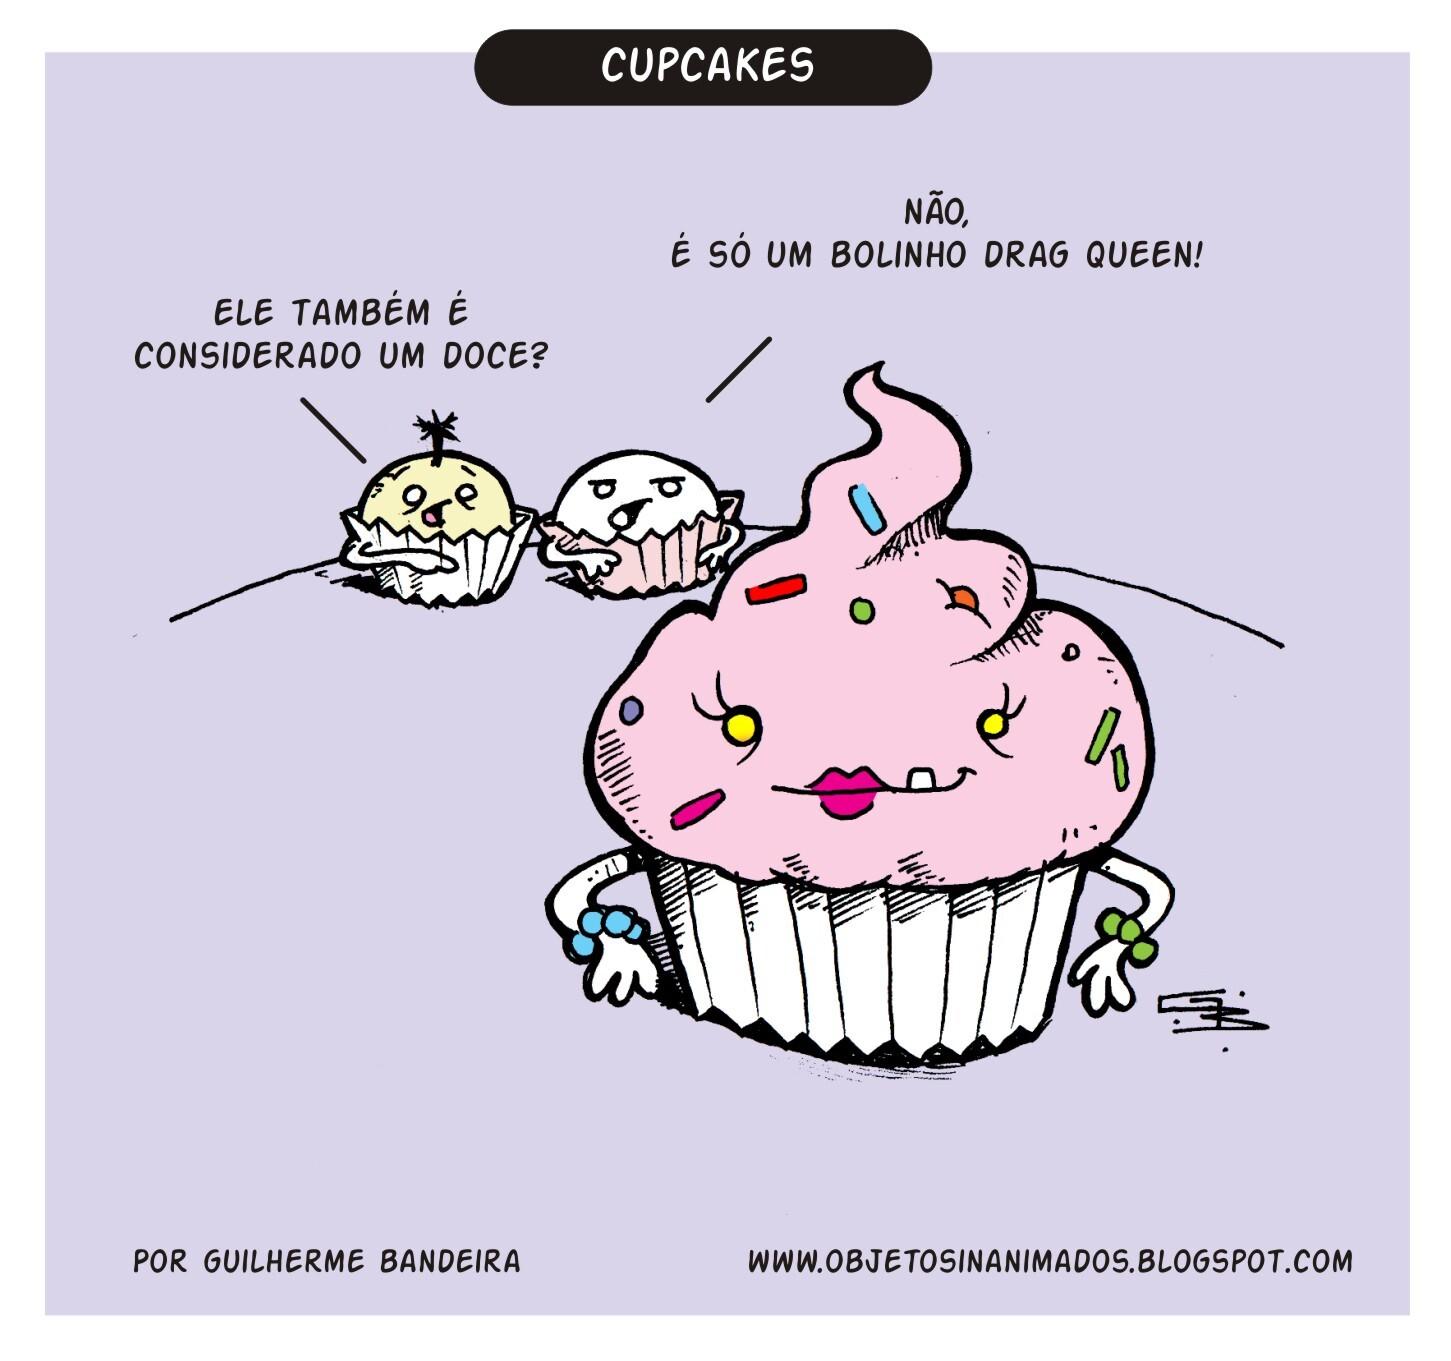 bolo de aniversario com bolo pullman com recheio